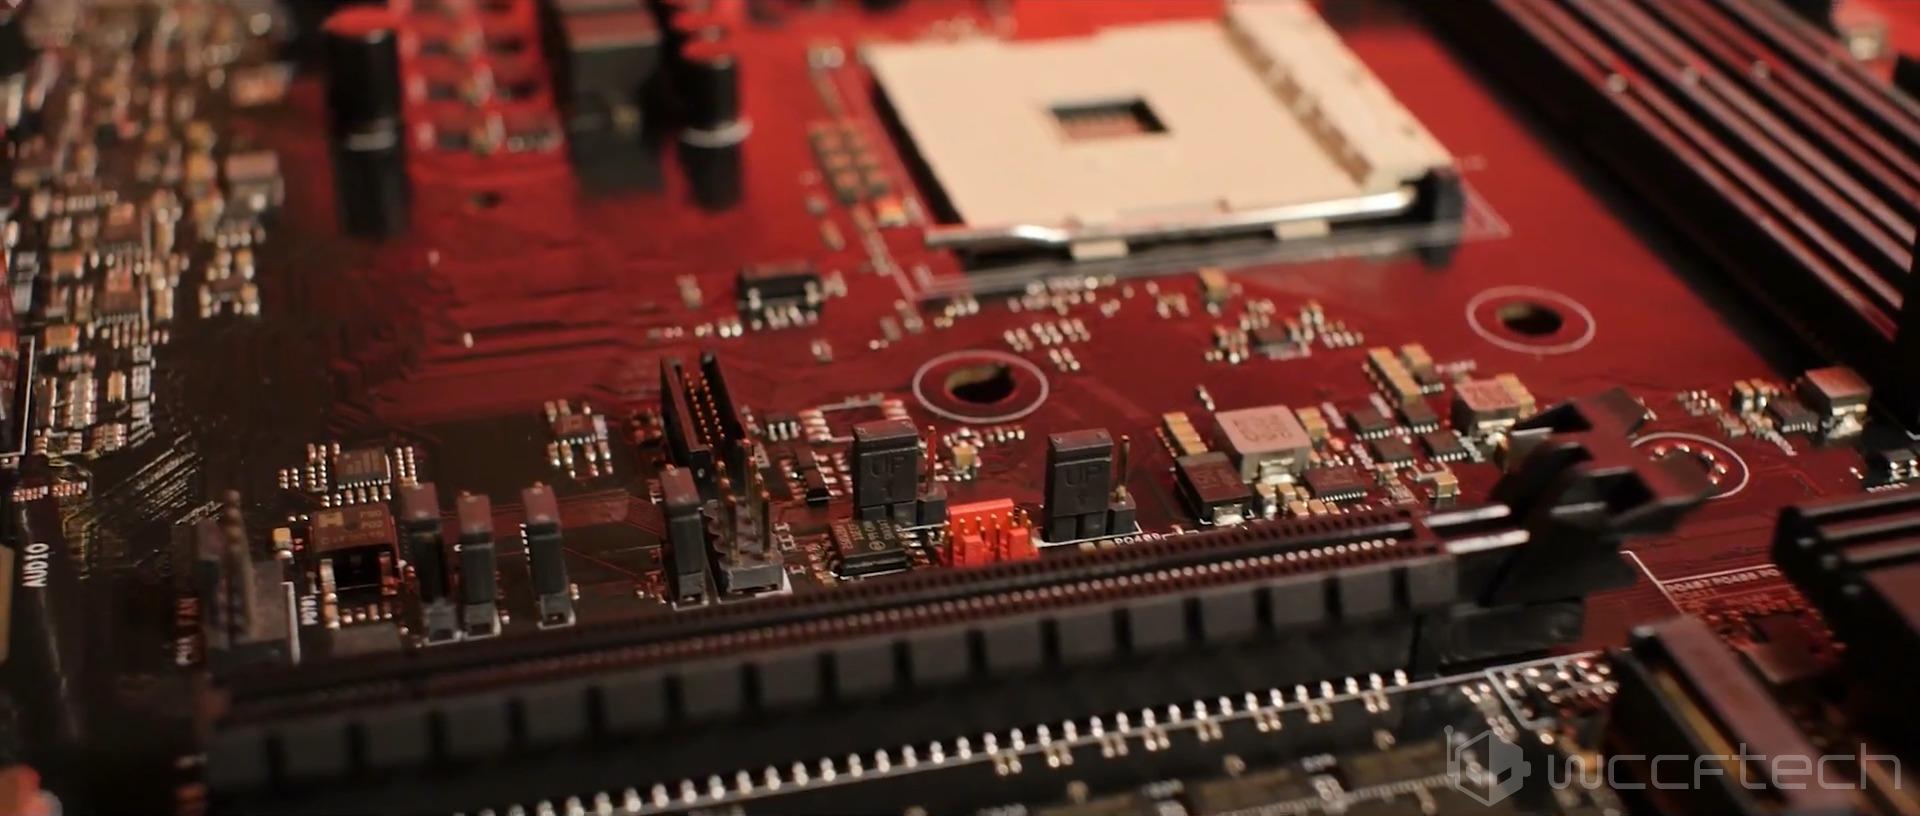 AMD AM4 Motherboard Sneak Peek